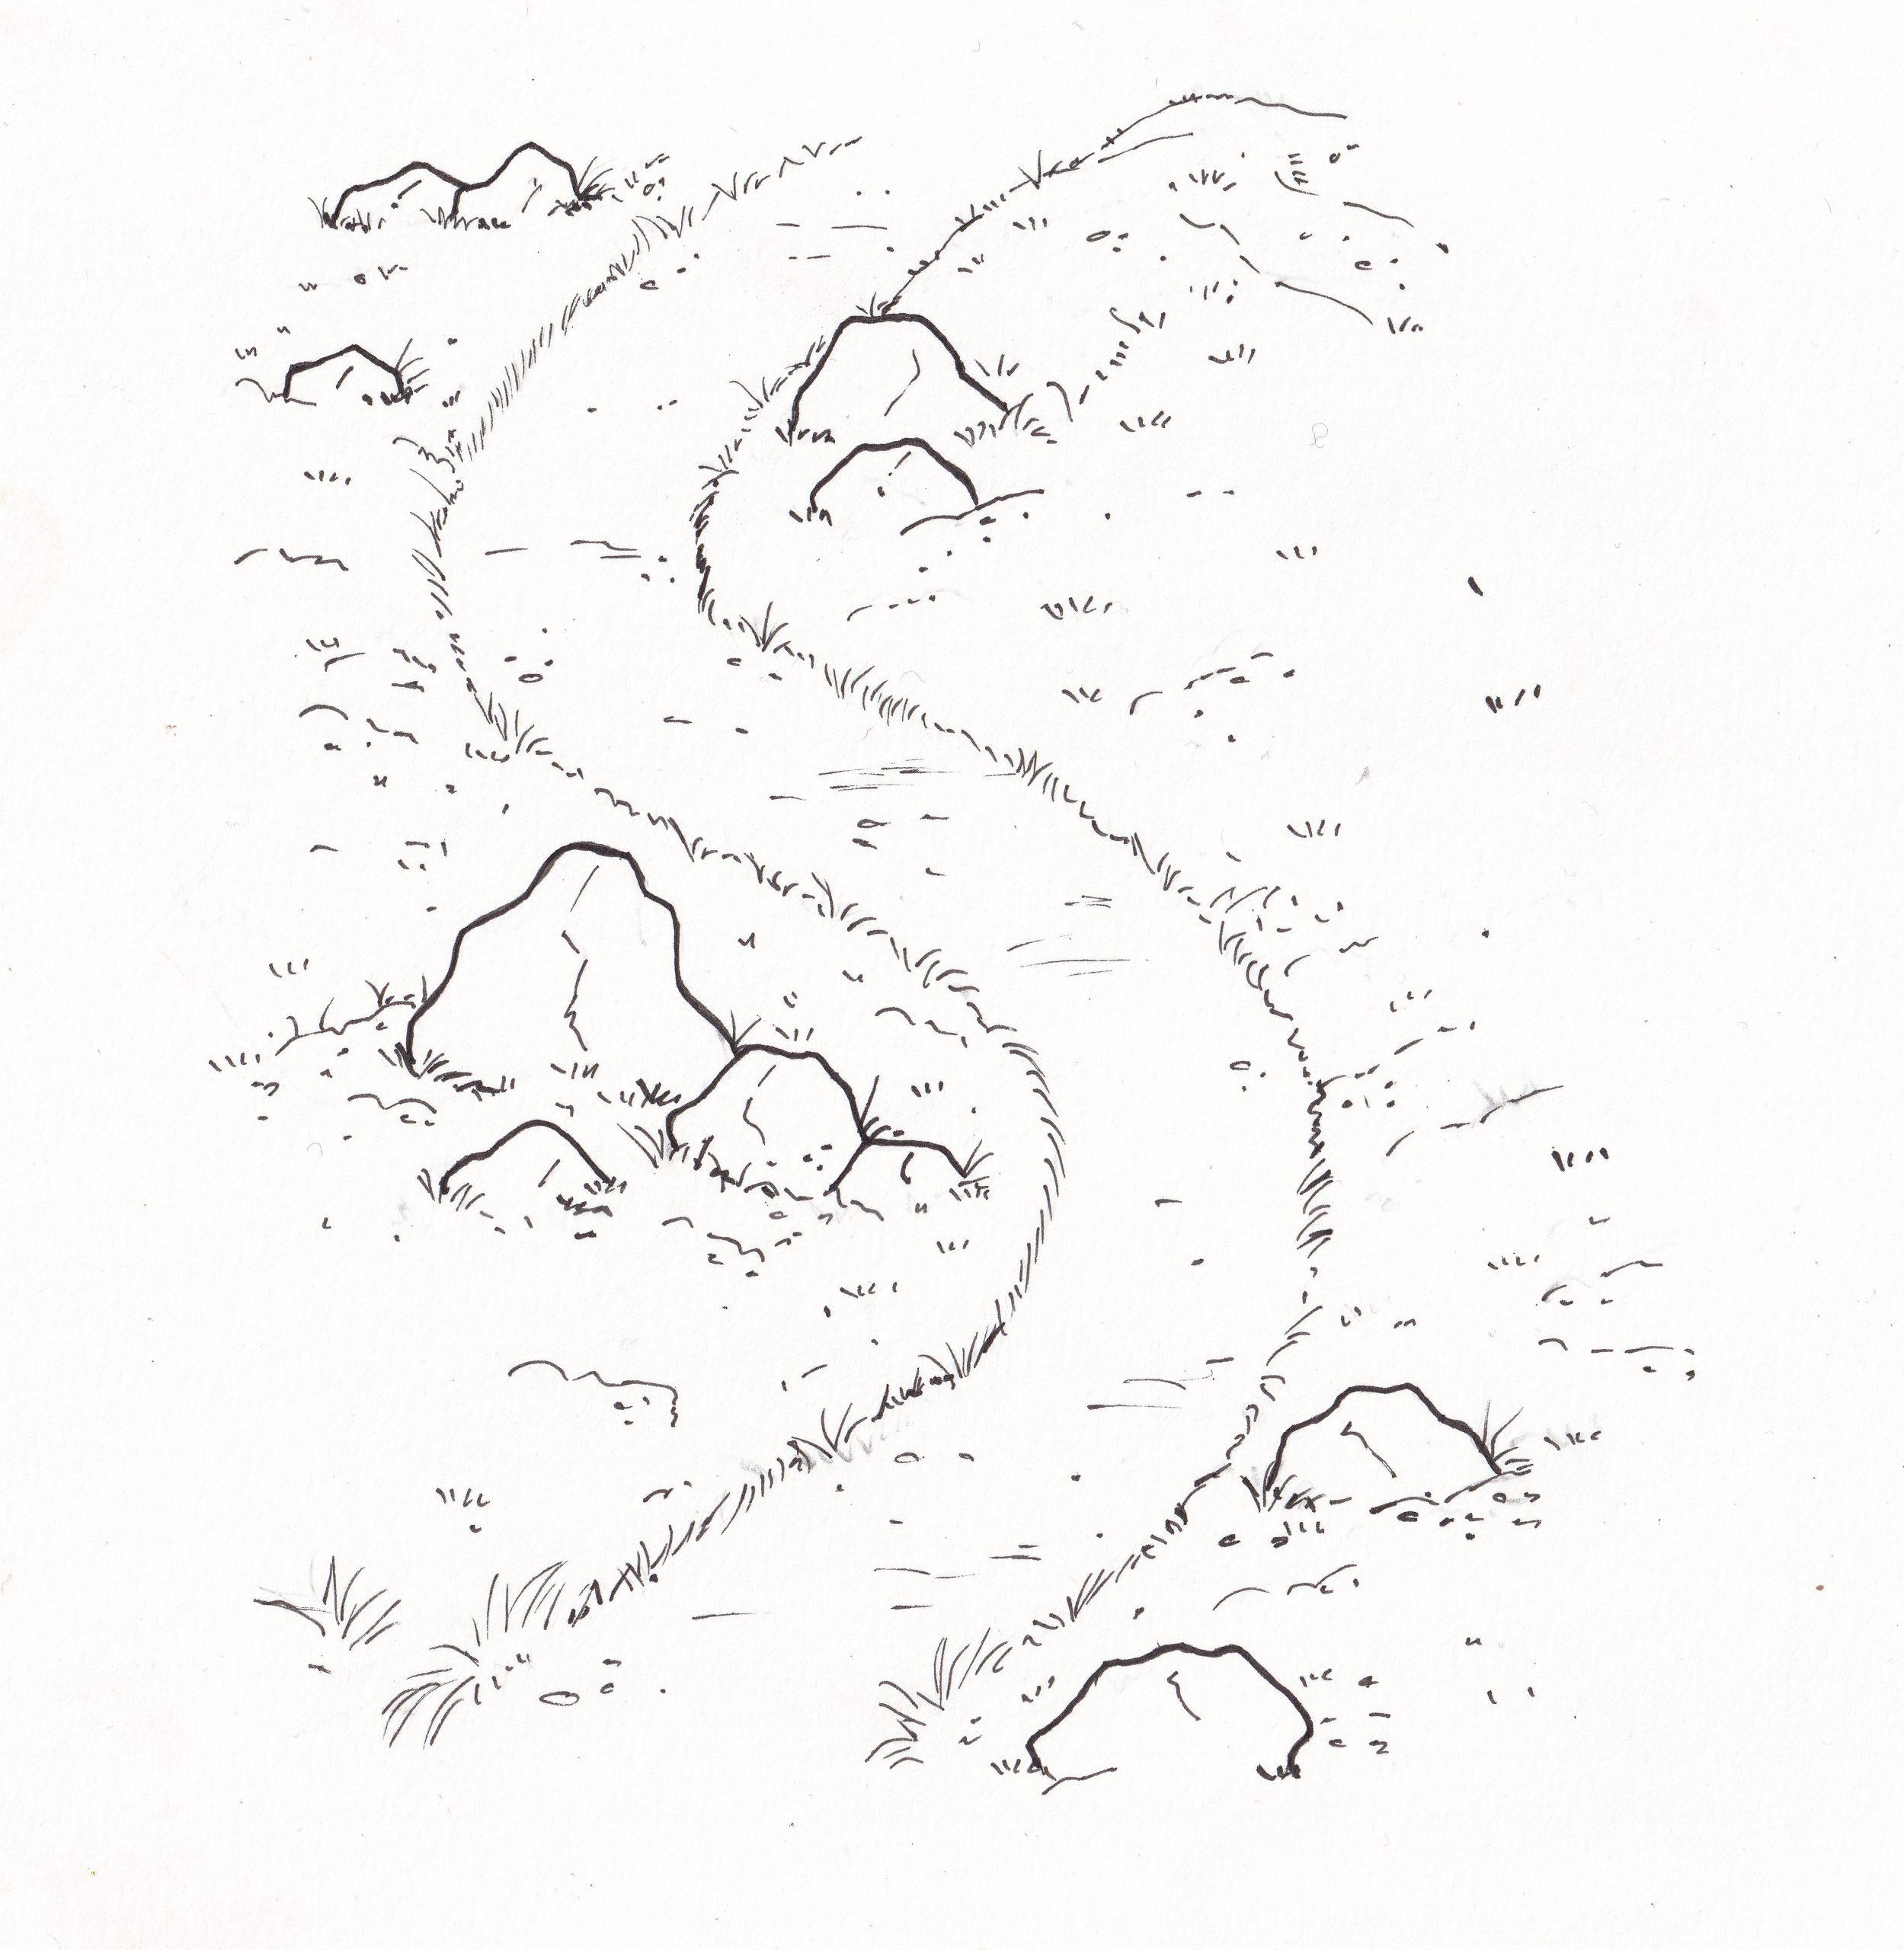 Landmótun rammar inn stíg og varnar gegn villustígum